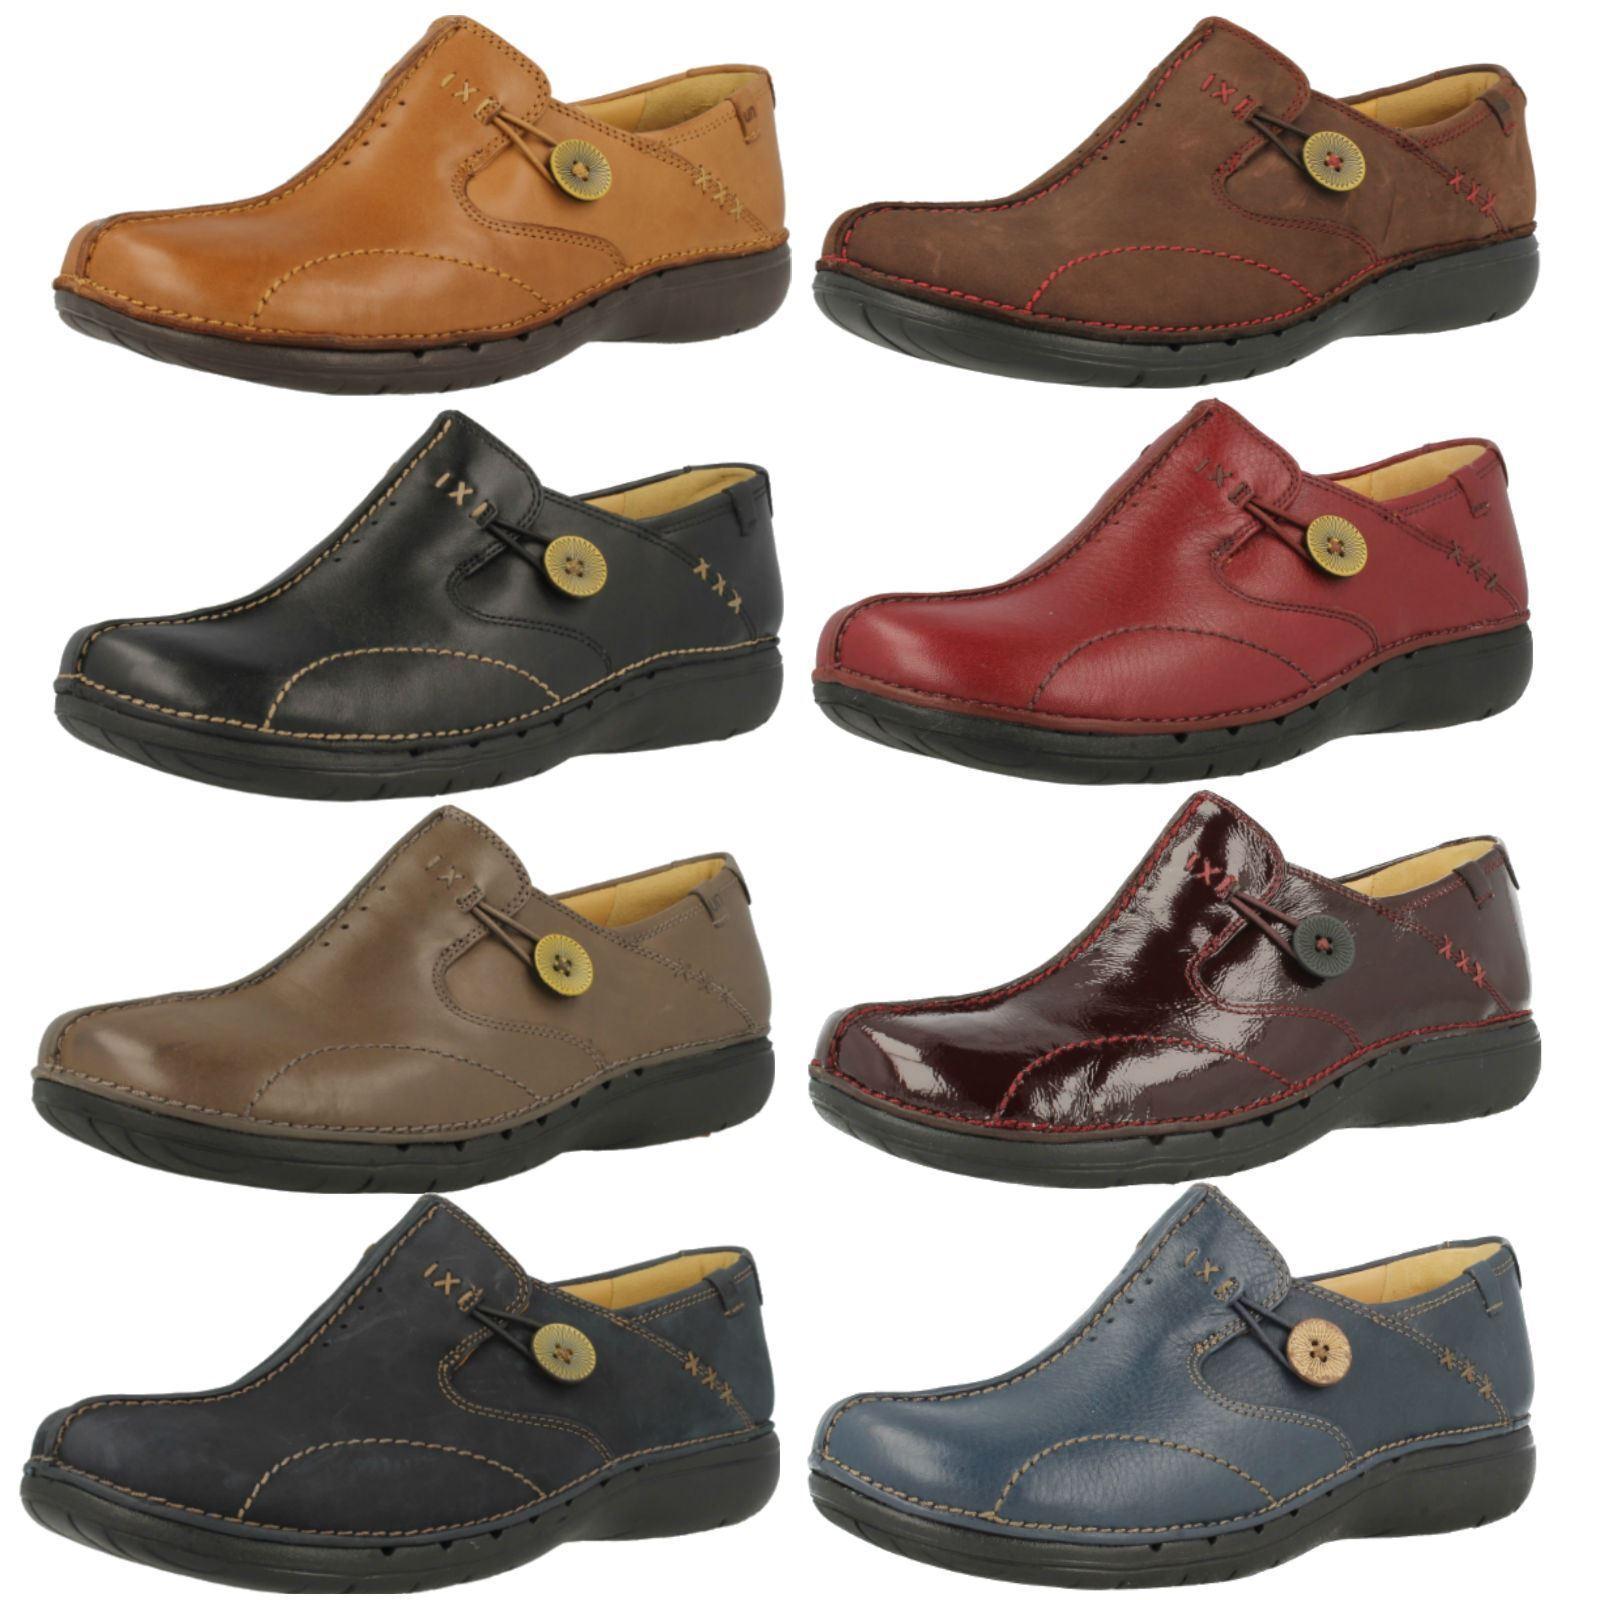 Los zapatos más populares para hombres y mujeres Descuento por tiempo limitado 'Ladies Clarks' Rounded Toe Slip On Un Structured Shoes - Un Loop